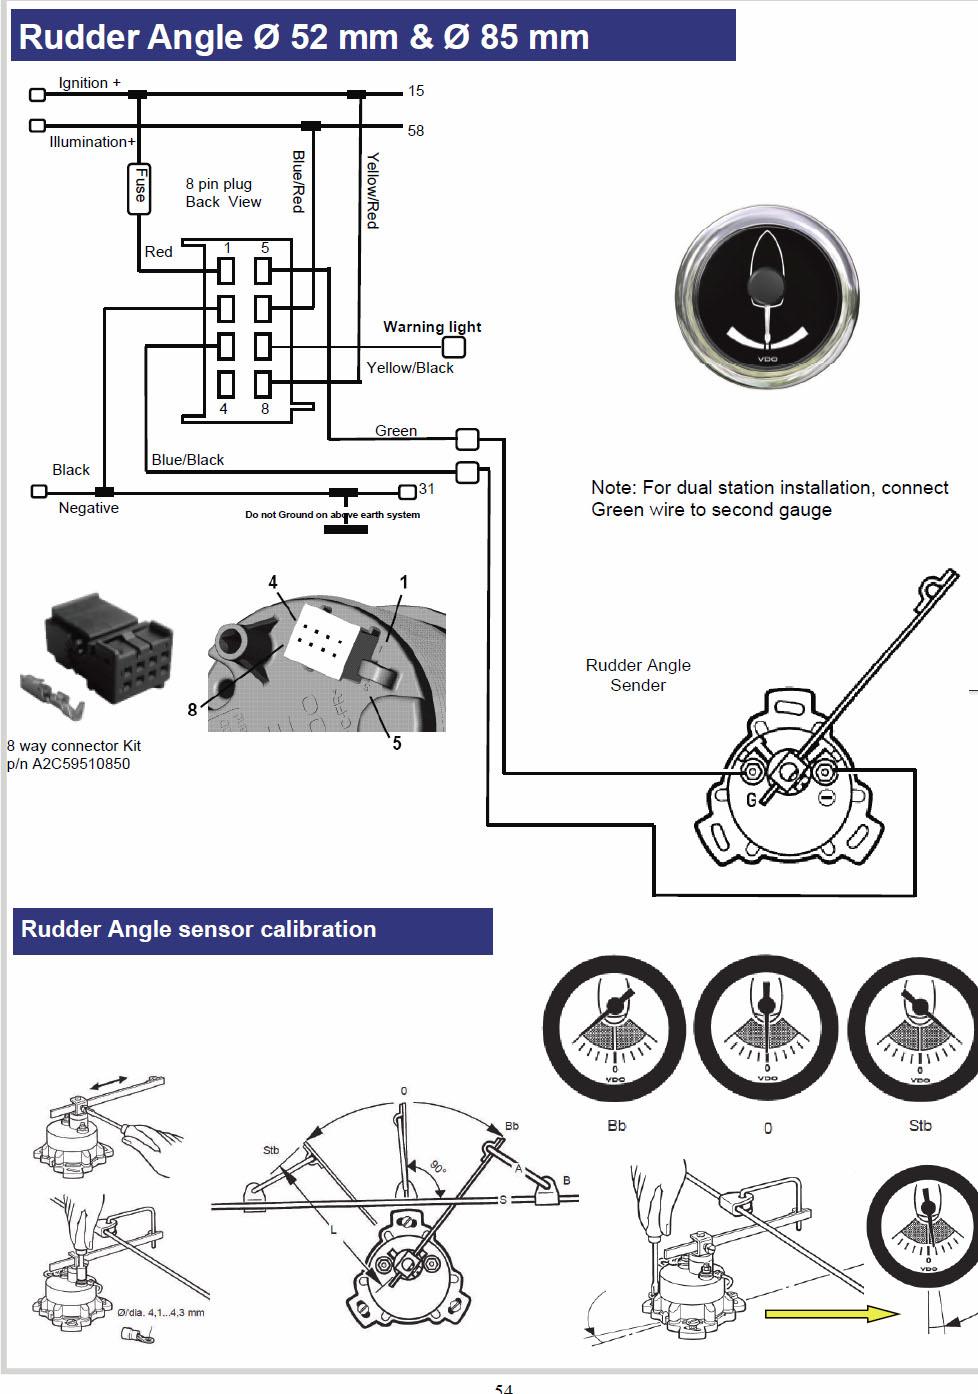 medium resolution of vdo rudder gauge wiring diagram wiring diagram expert vdo rudder gauge wiring diagram vdo rudder angle